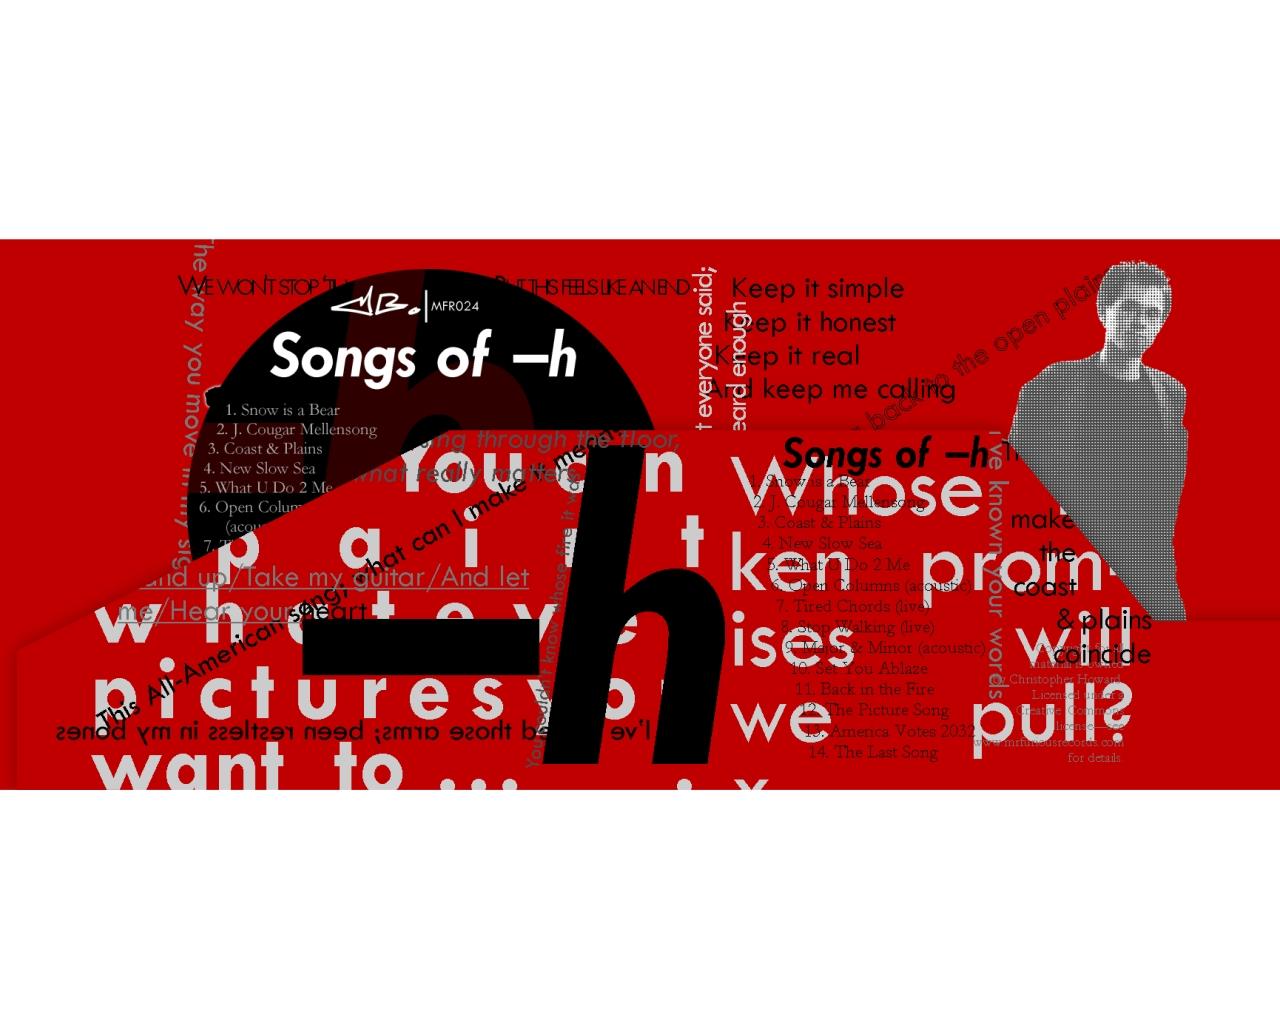 SongsofhWallpaper1280.jpg